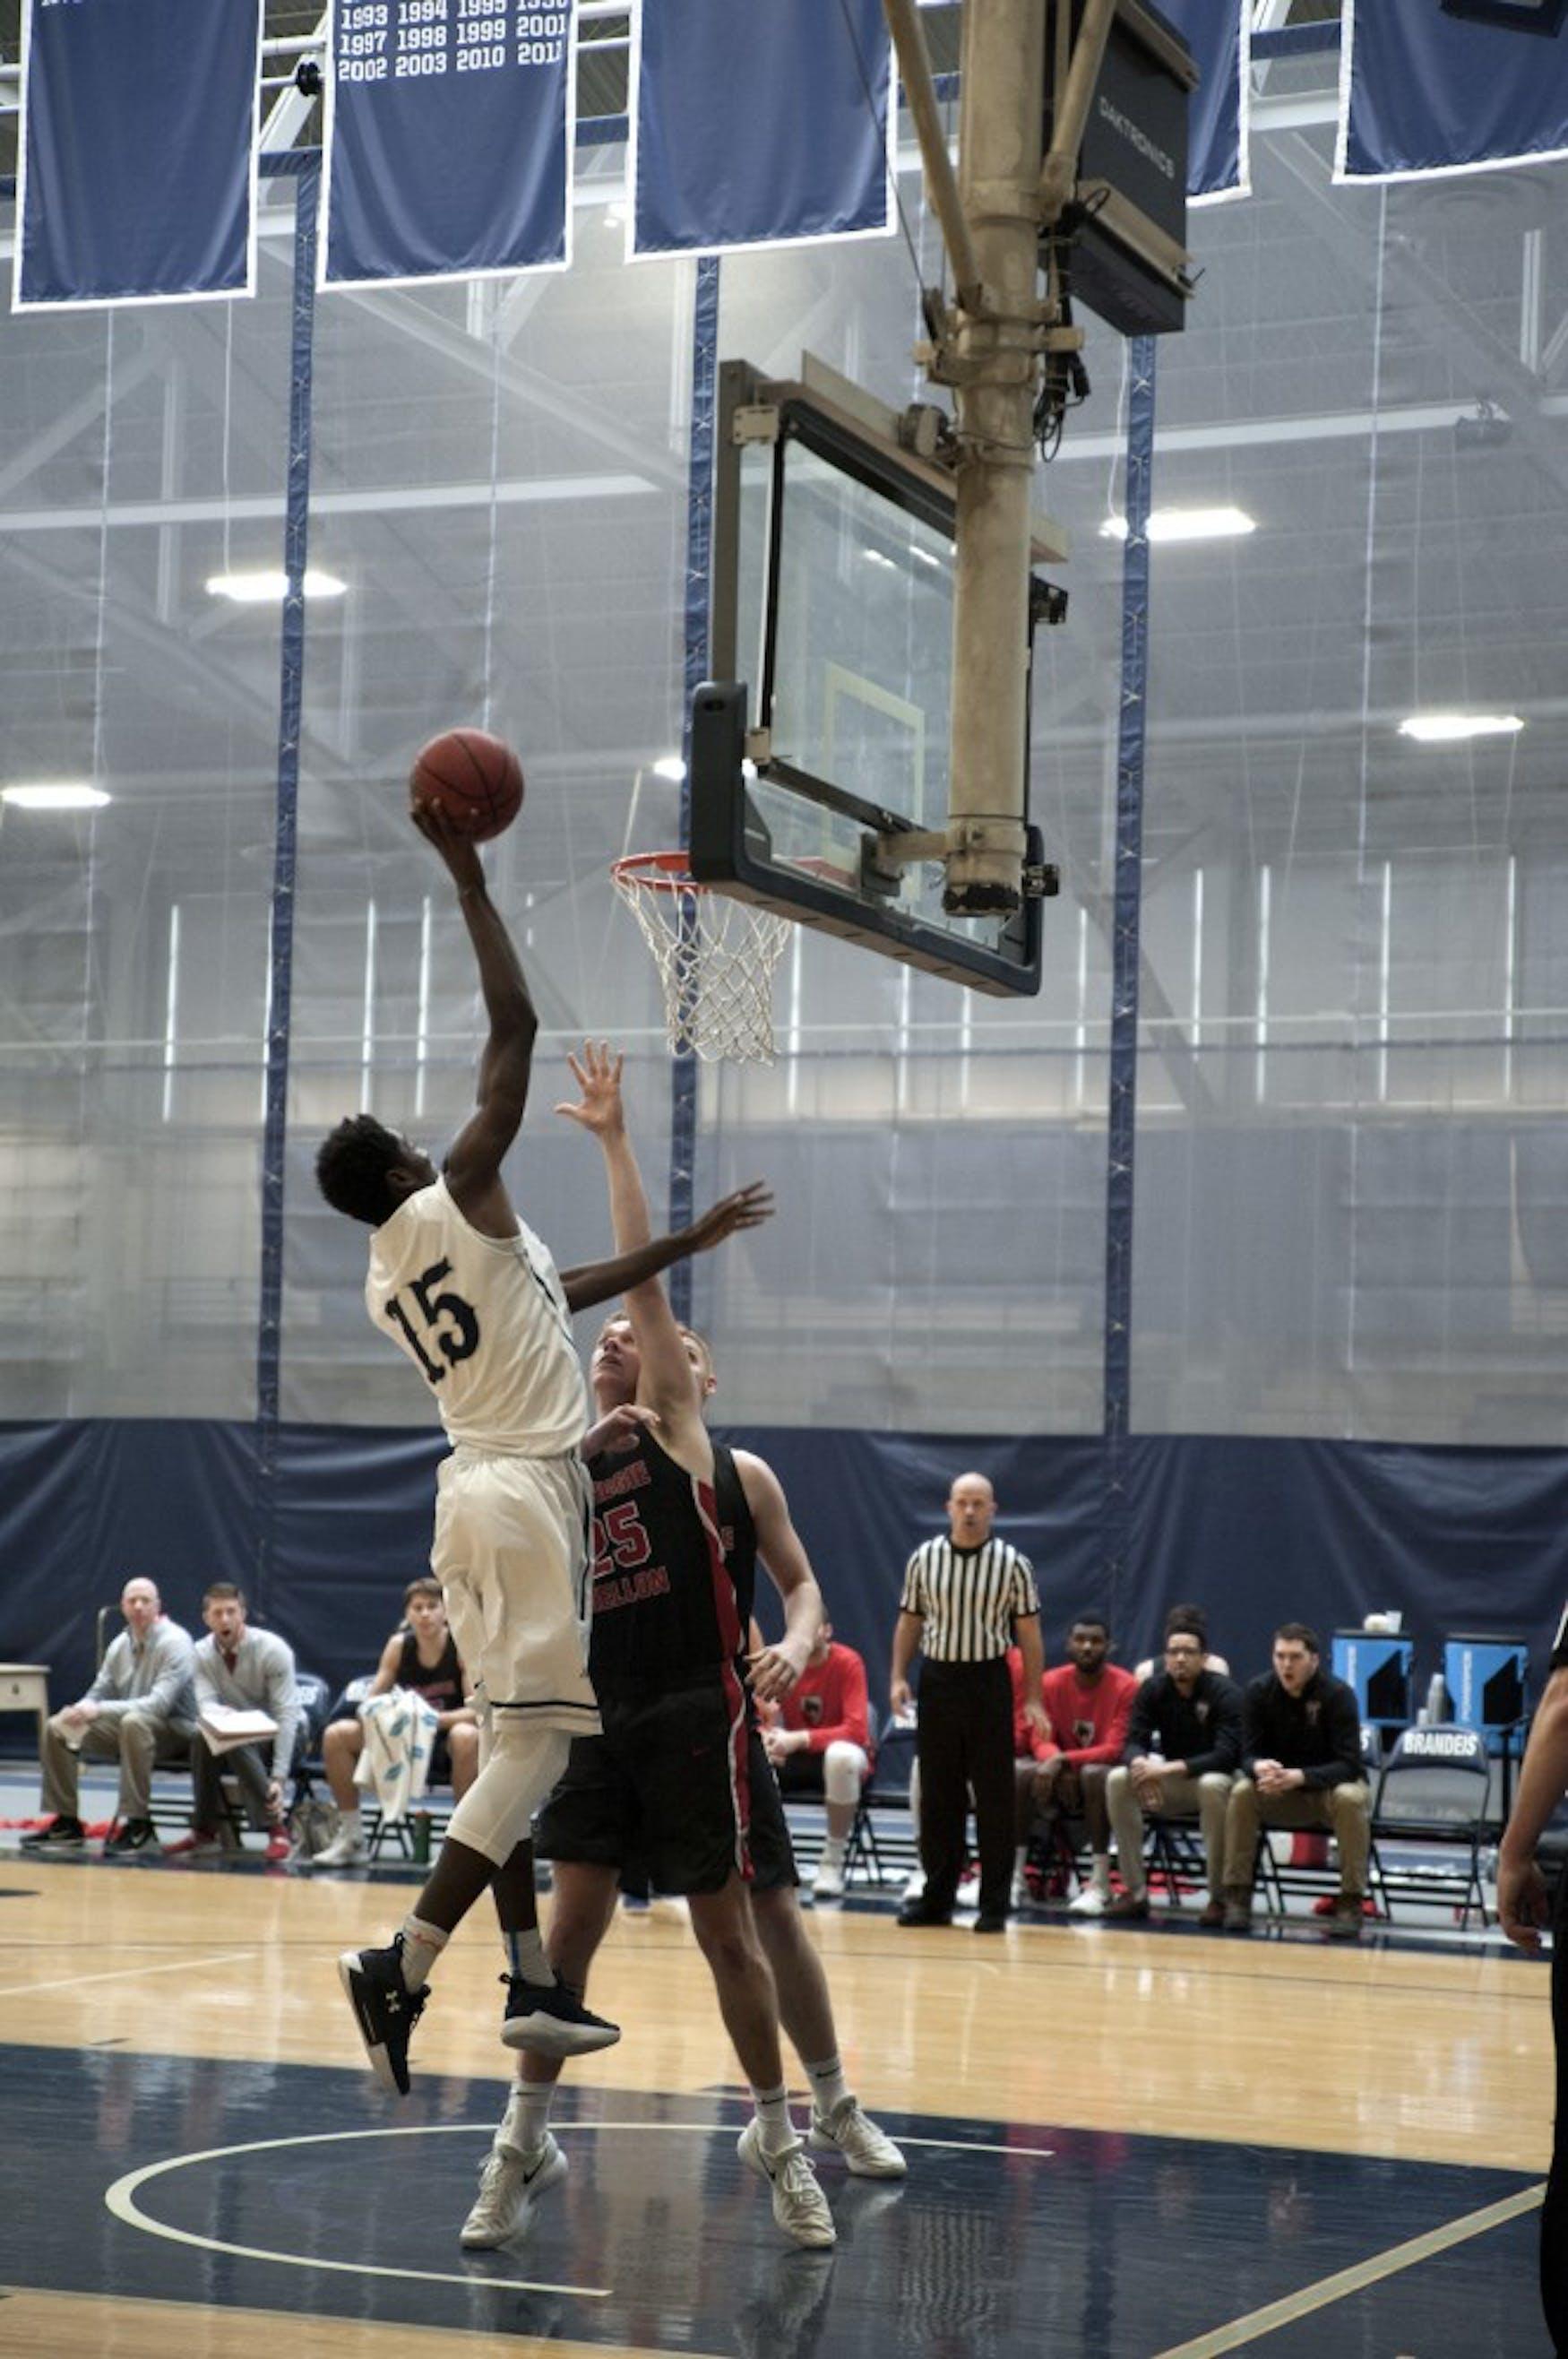 basketball-m-vs-carnegie-mellon-1-28-18-knd0018